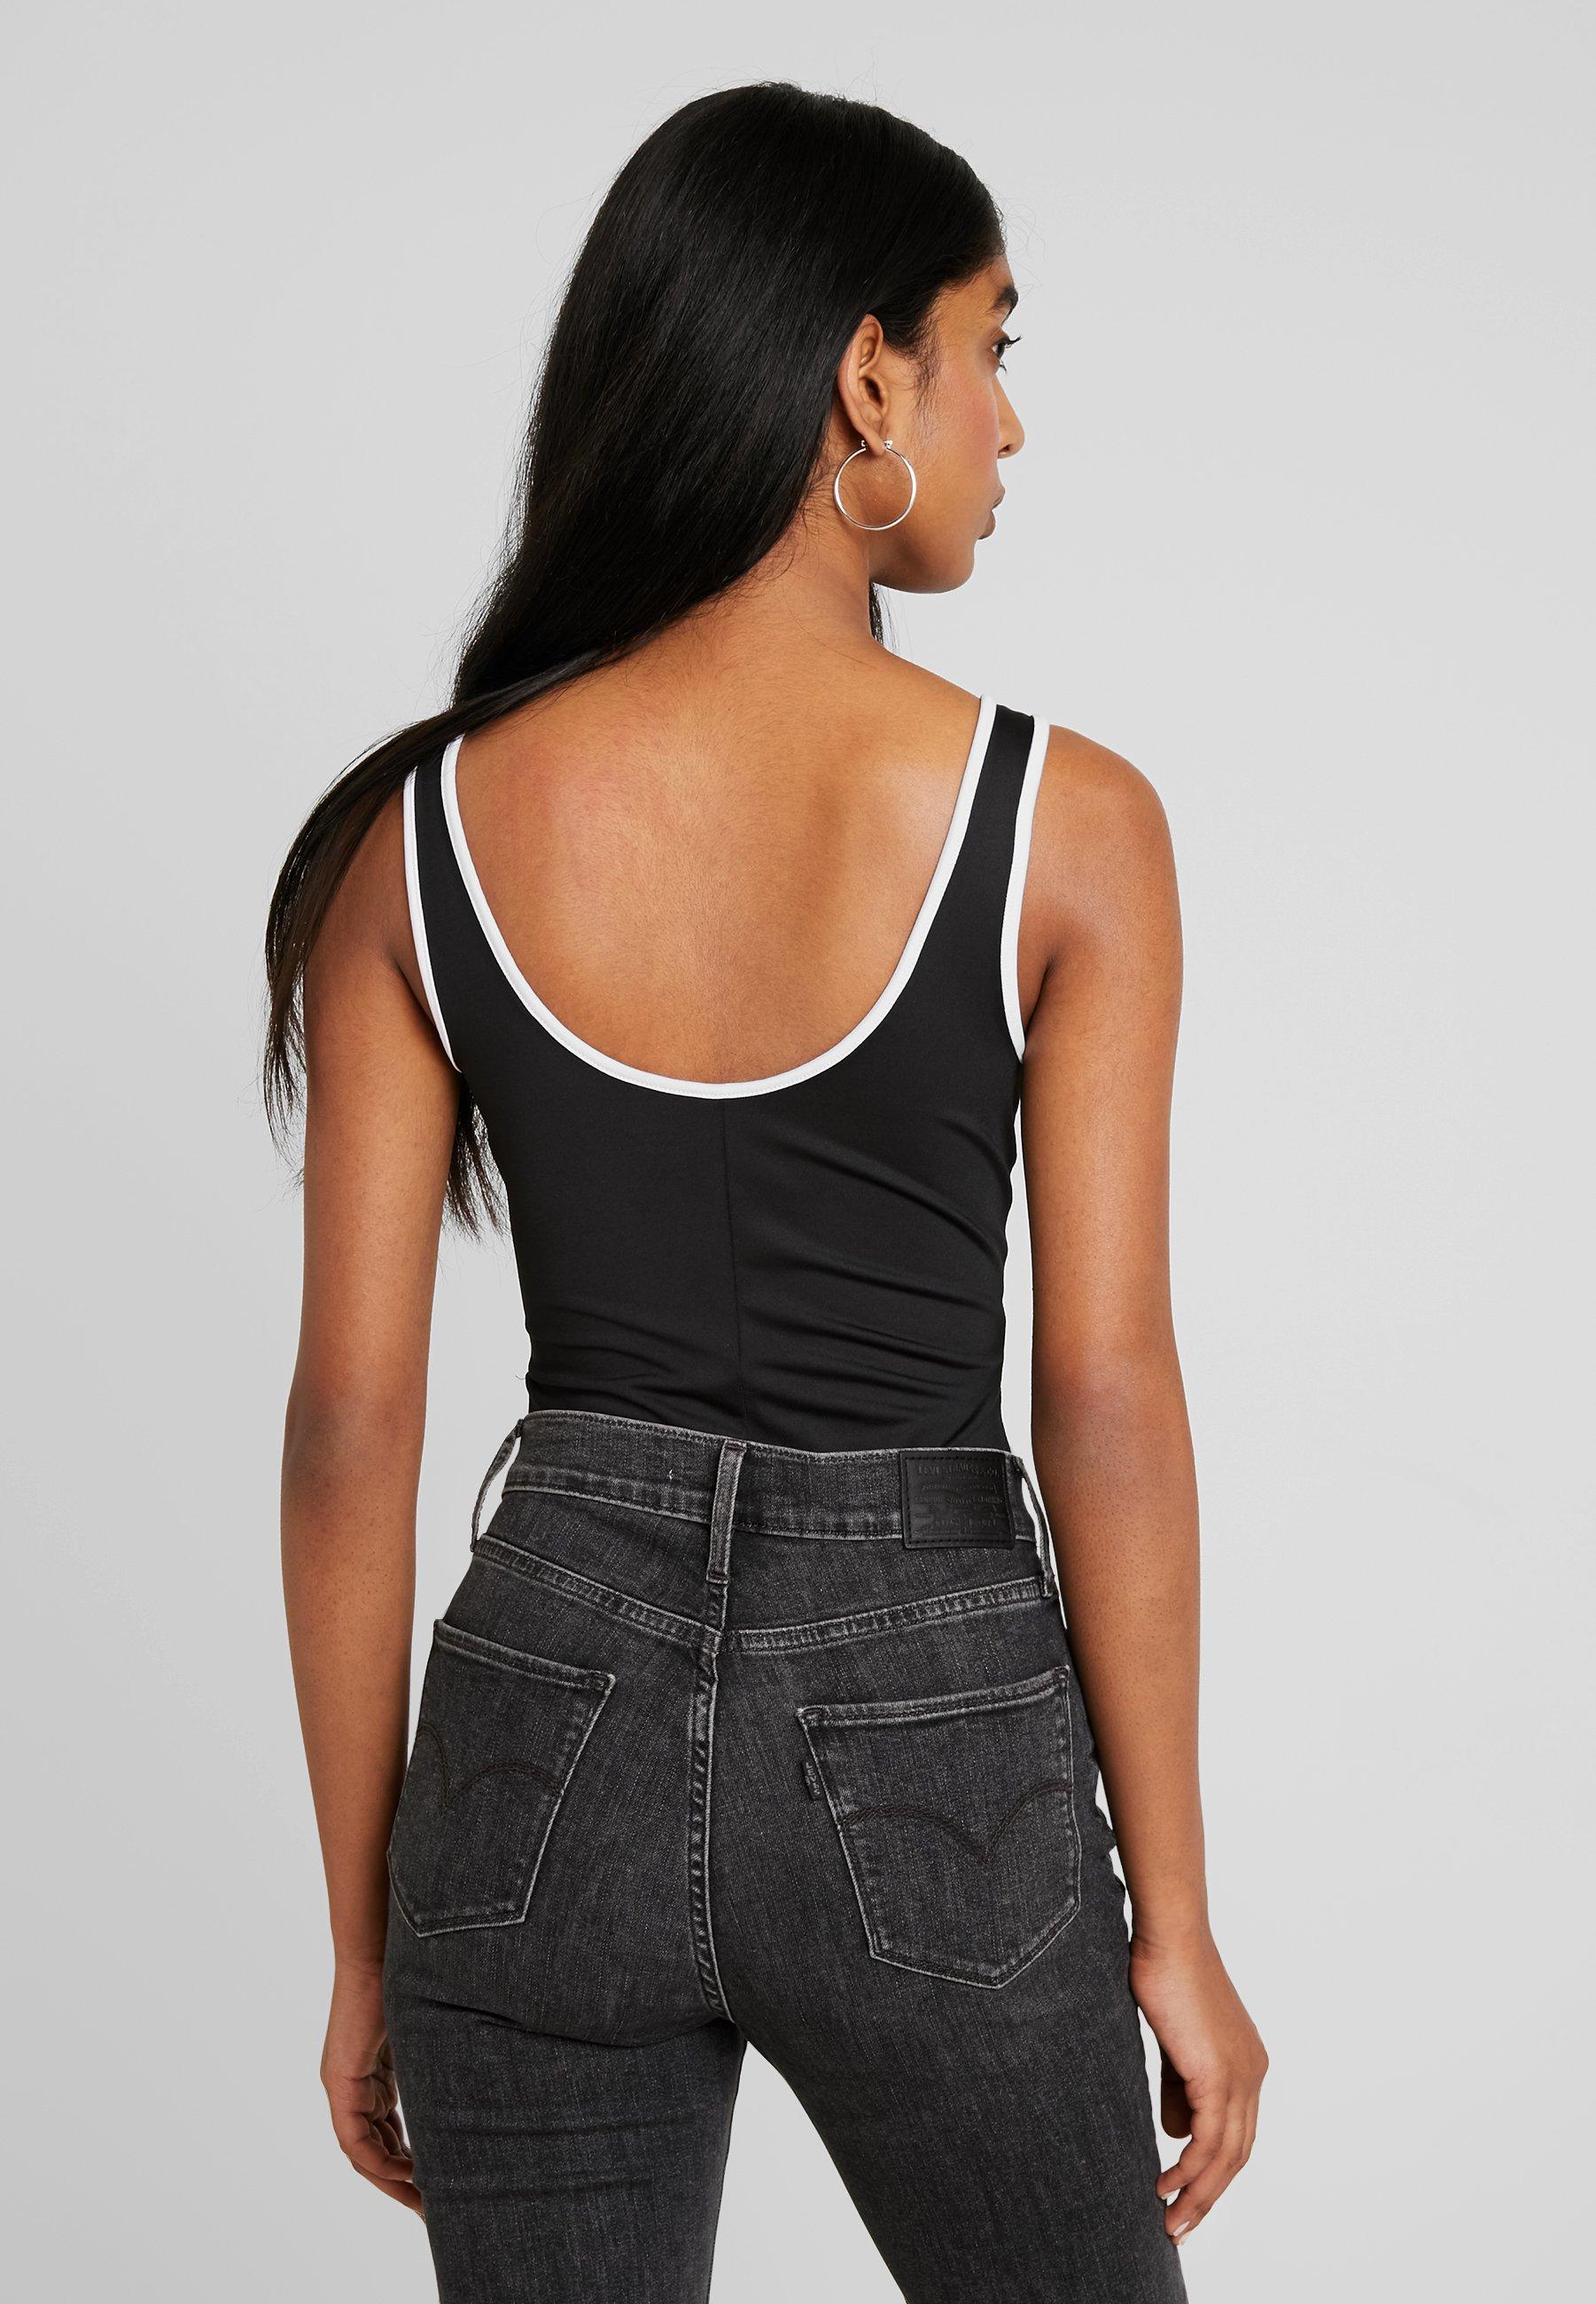 BodysuitDébardeur Levi's® Black Levi's® Graphic BodysuitDébardeur Graphic vnwN8m0